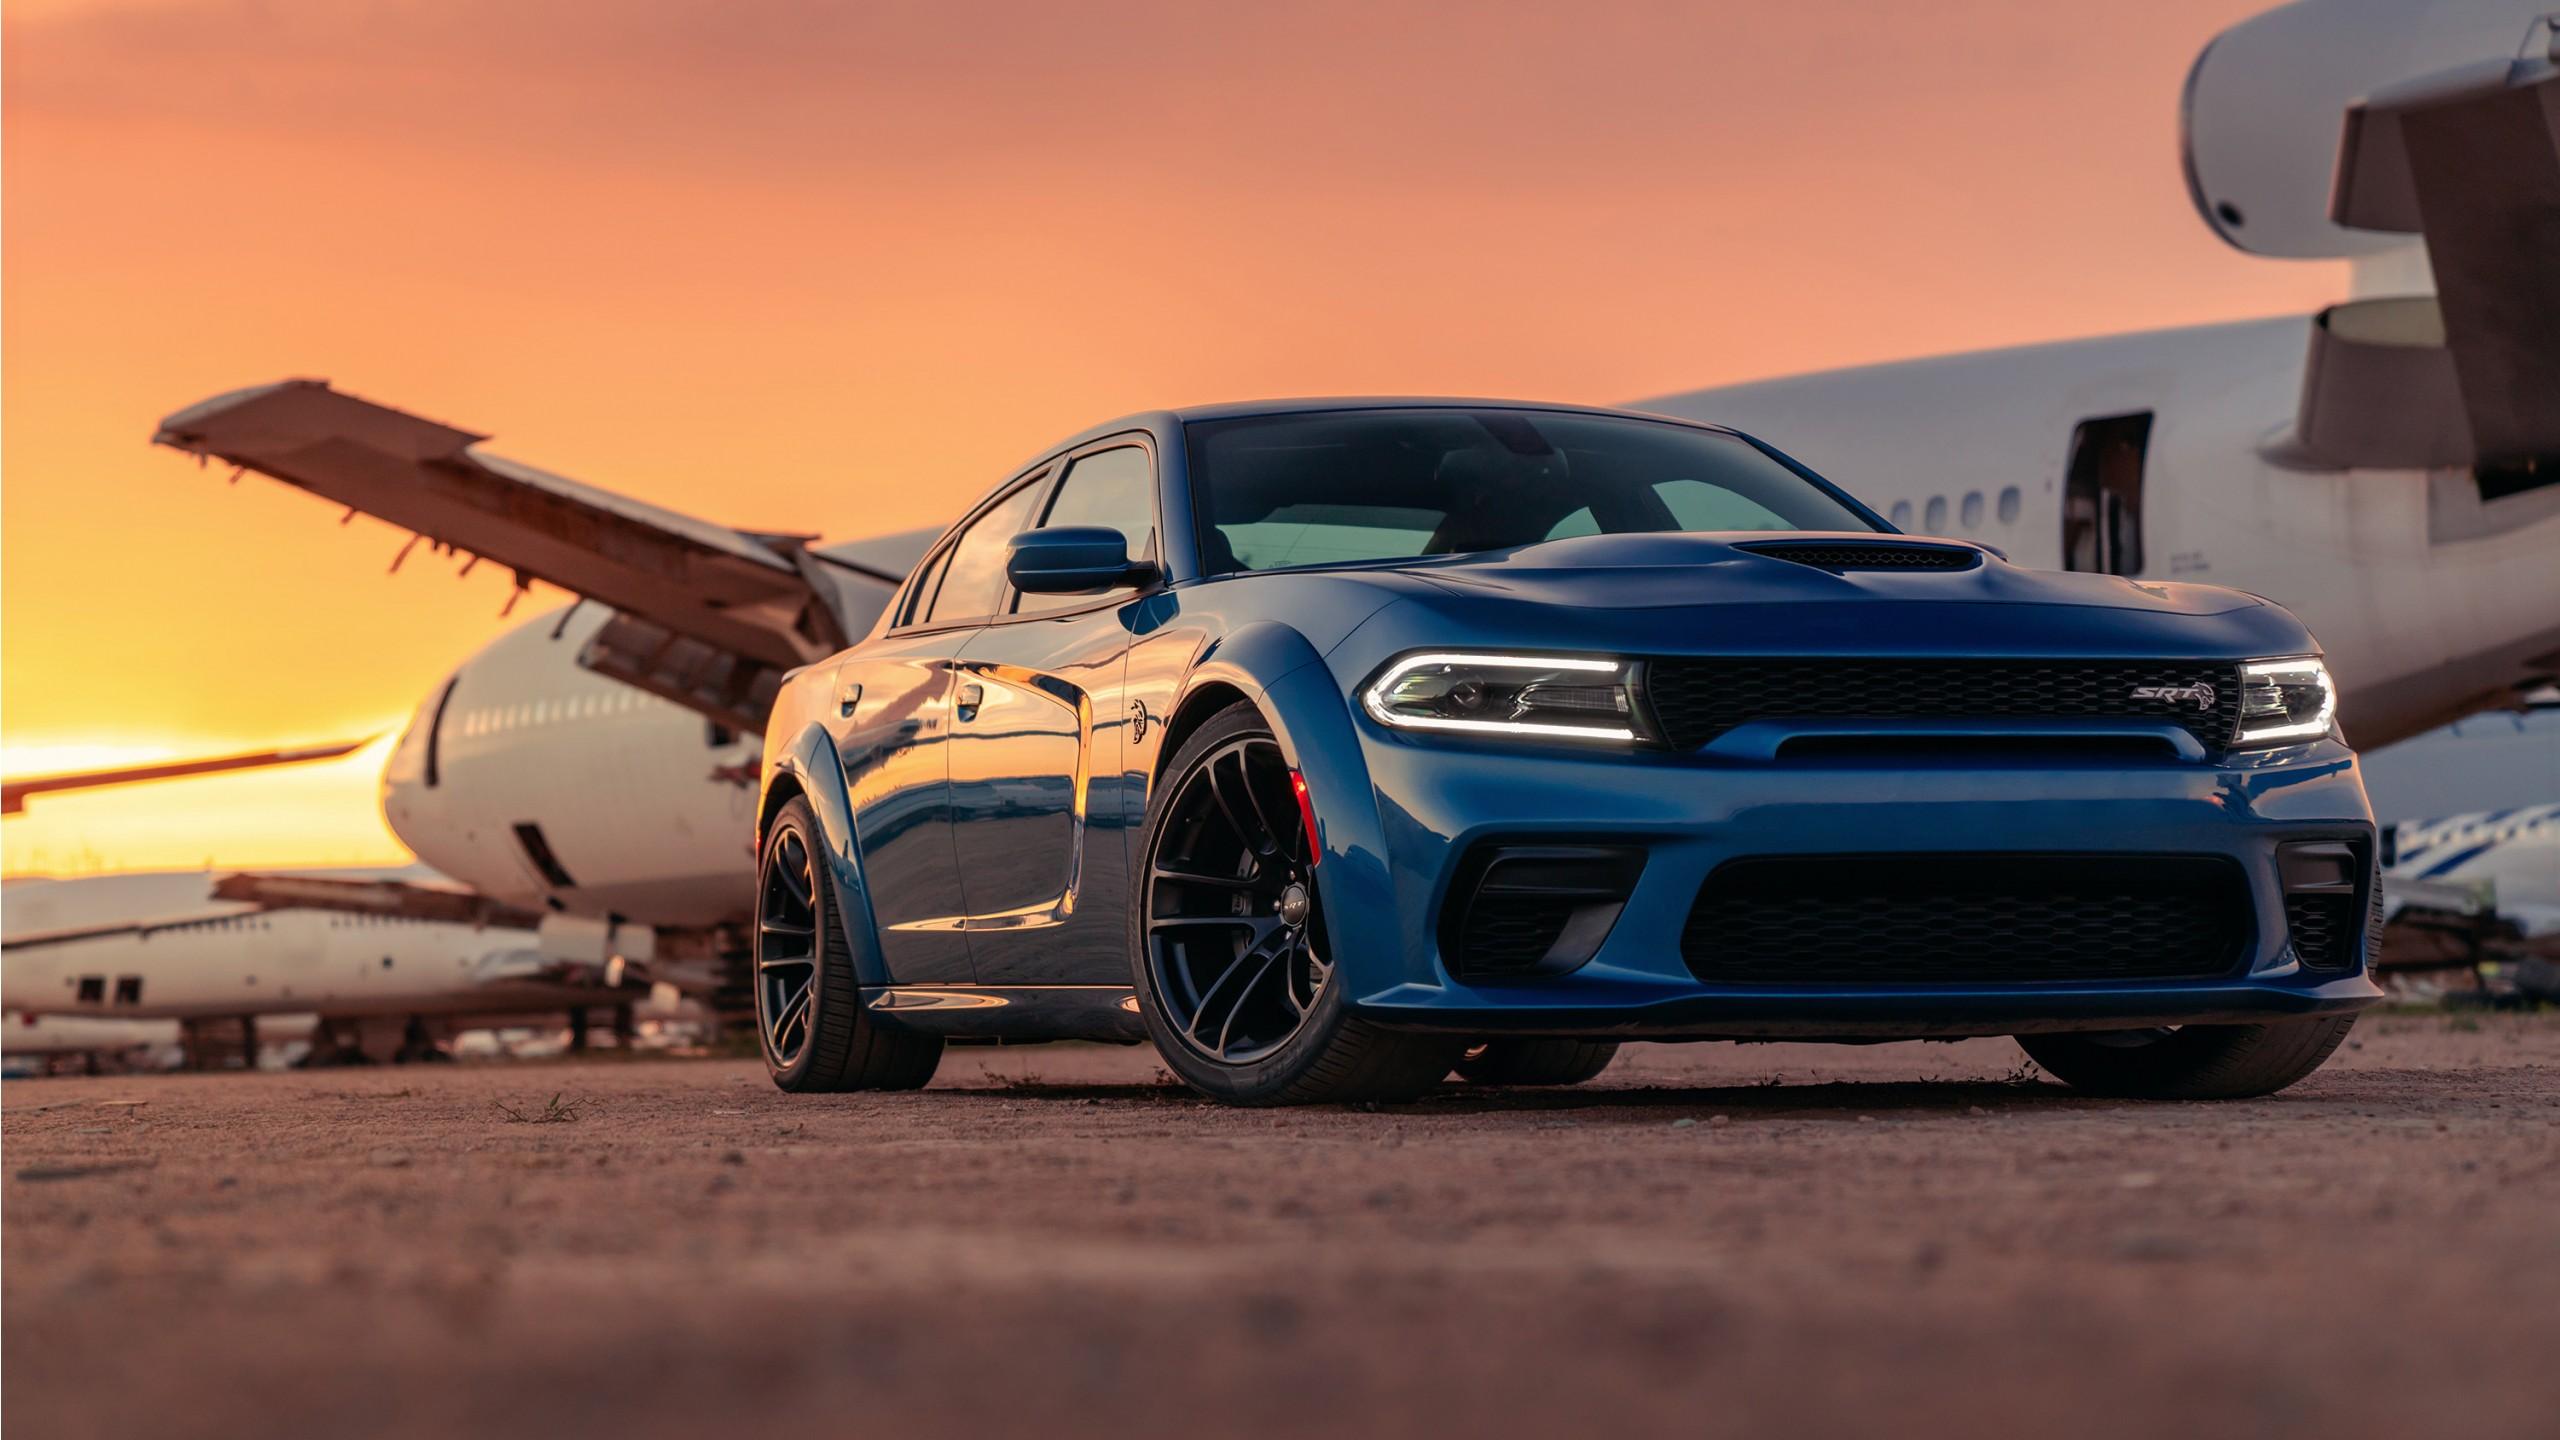 Dodge Charger Srt Hellcat >> 2020 Dodge Charger SRT Hellcat Widebody Wallpaper | HD Car ...